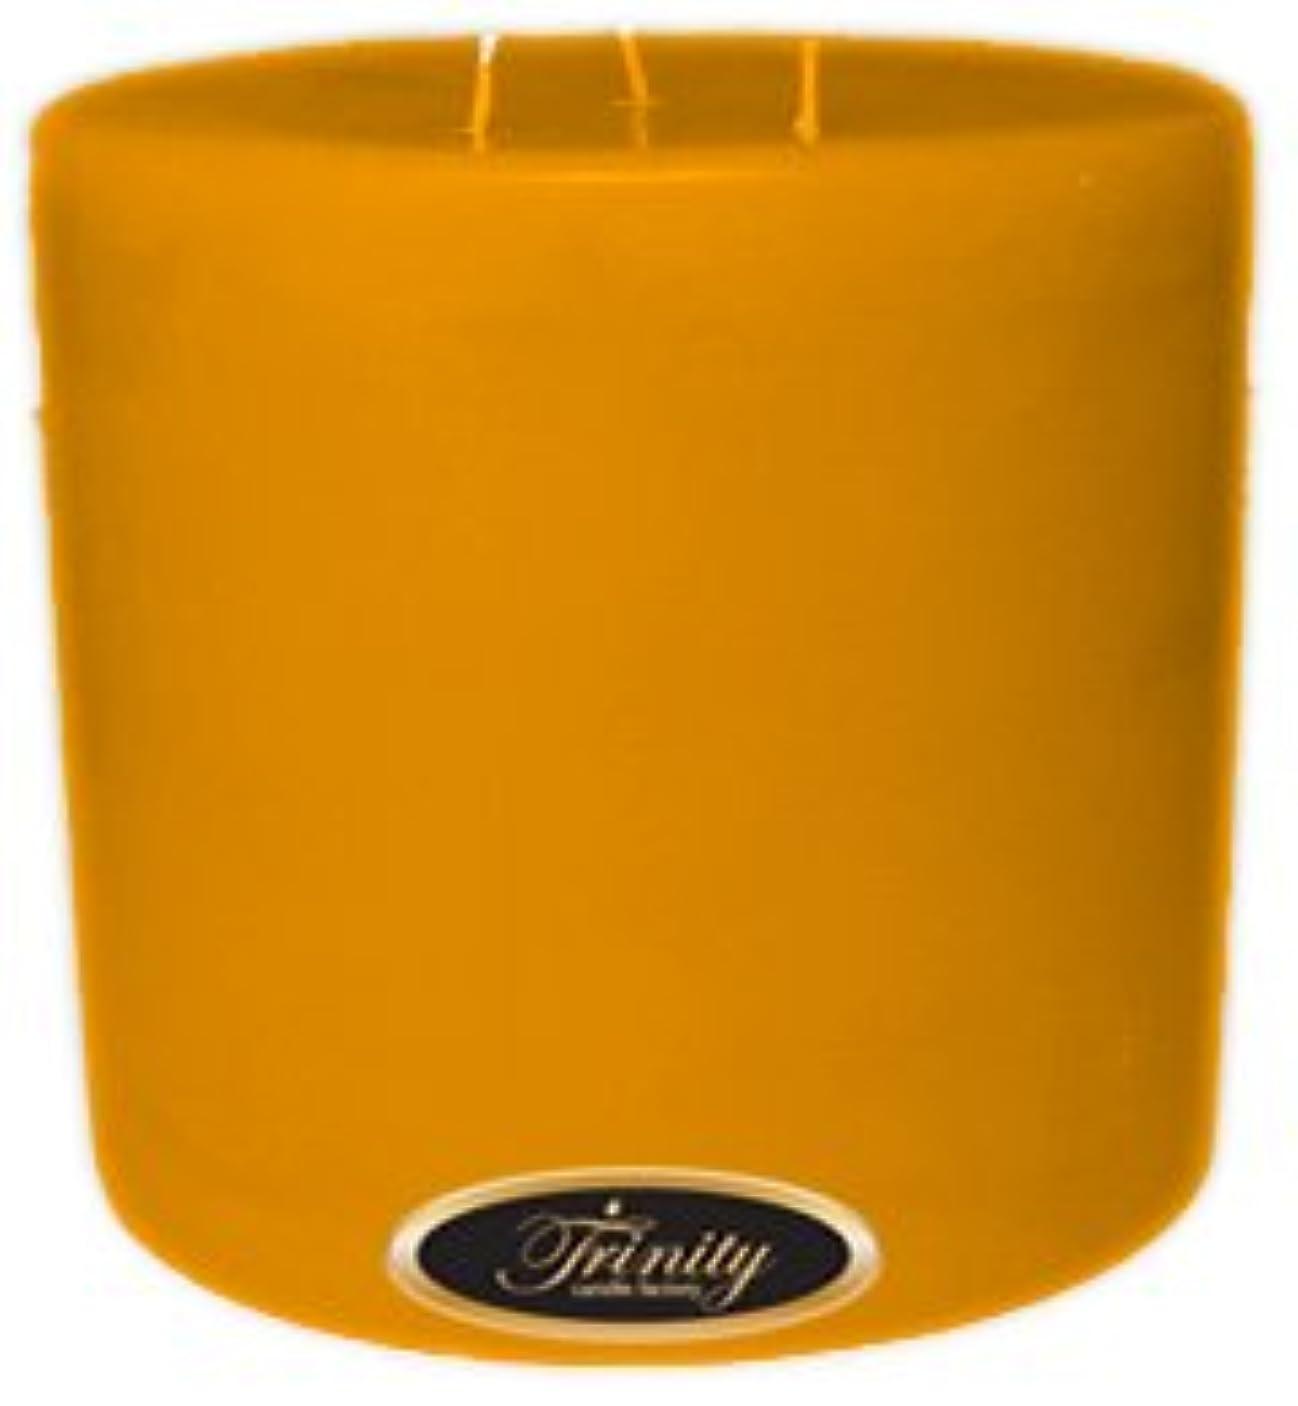 サイバースペース親愛な外側Trinity Candle工場 – ジャスミン – Pillar Candle – 6 x 6